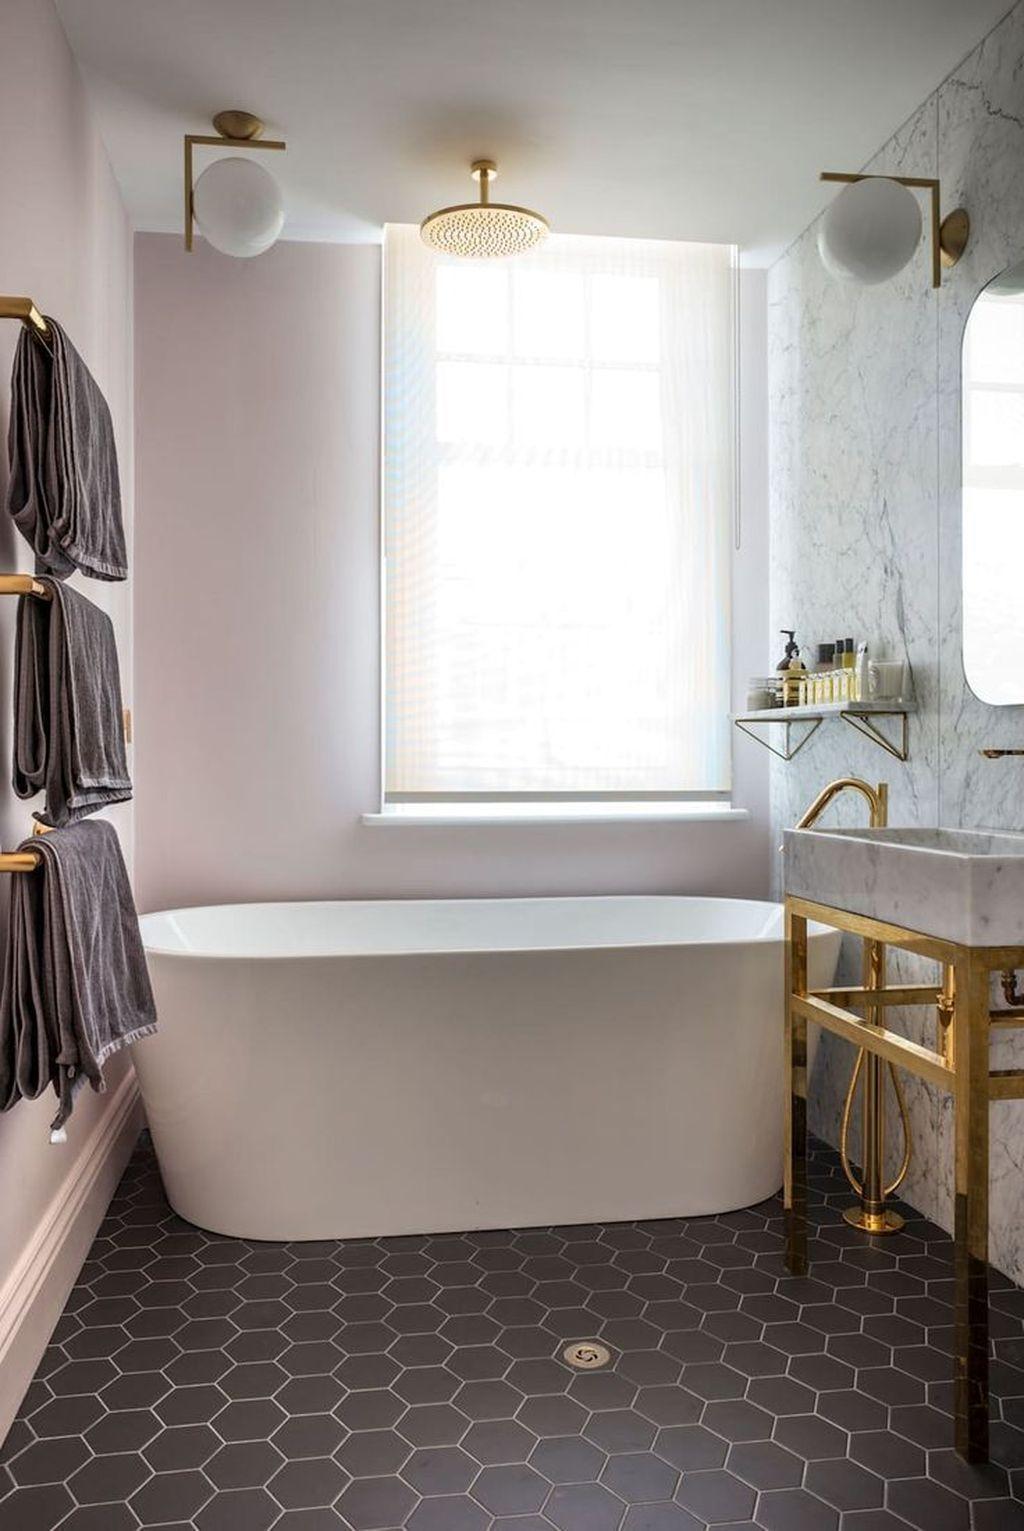 wonderful and cozy modern bathtub design ideas bathroom ideas